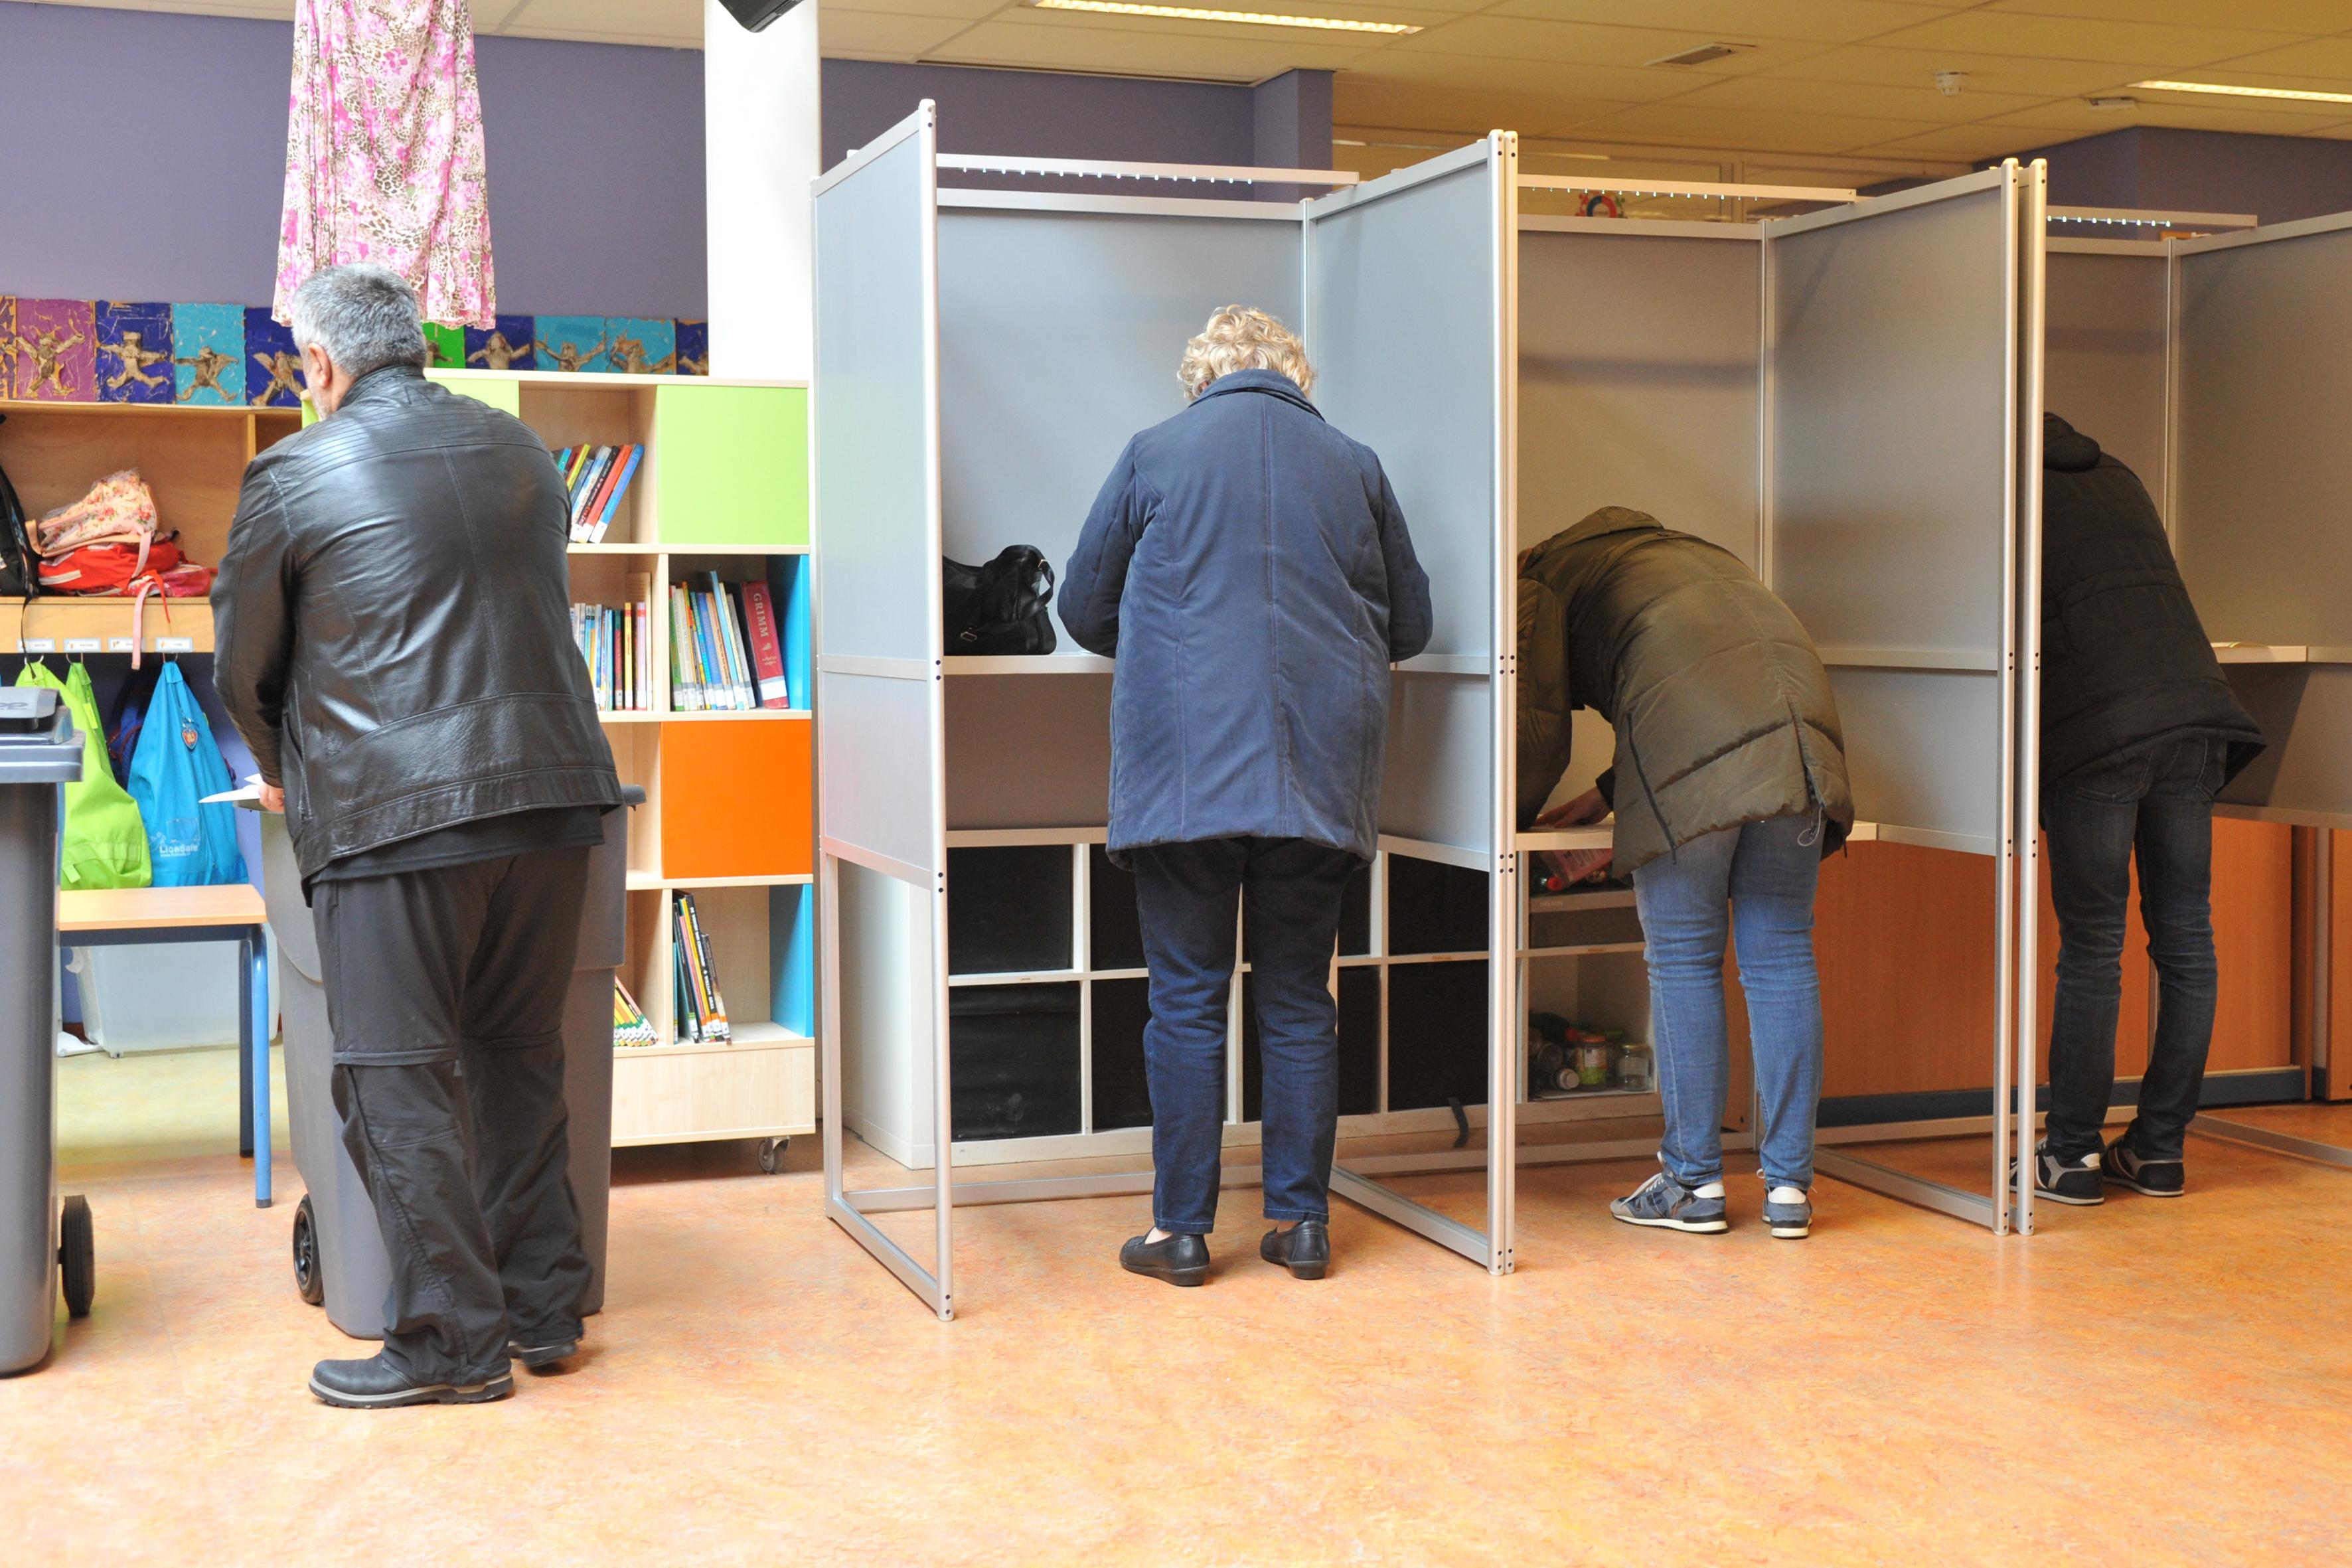 Mobiele stembureaus van Buko bij Heemskerkse verzorgingshuizen, ook andere gemeenten hebben belangstelling: 'We hebben heel veel offertes uitstaan'